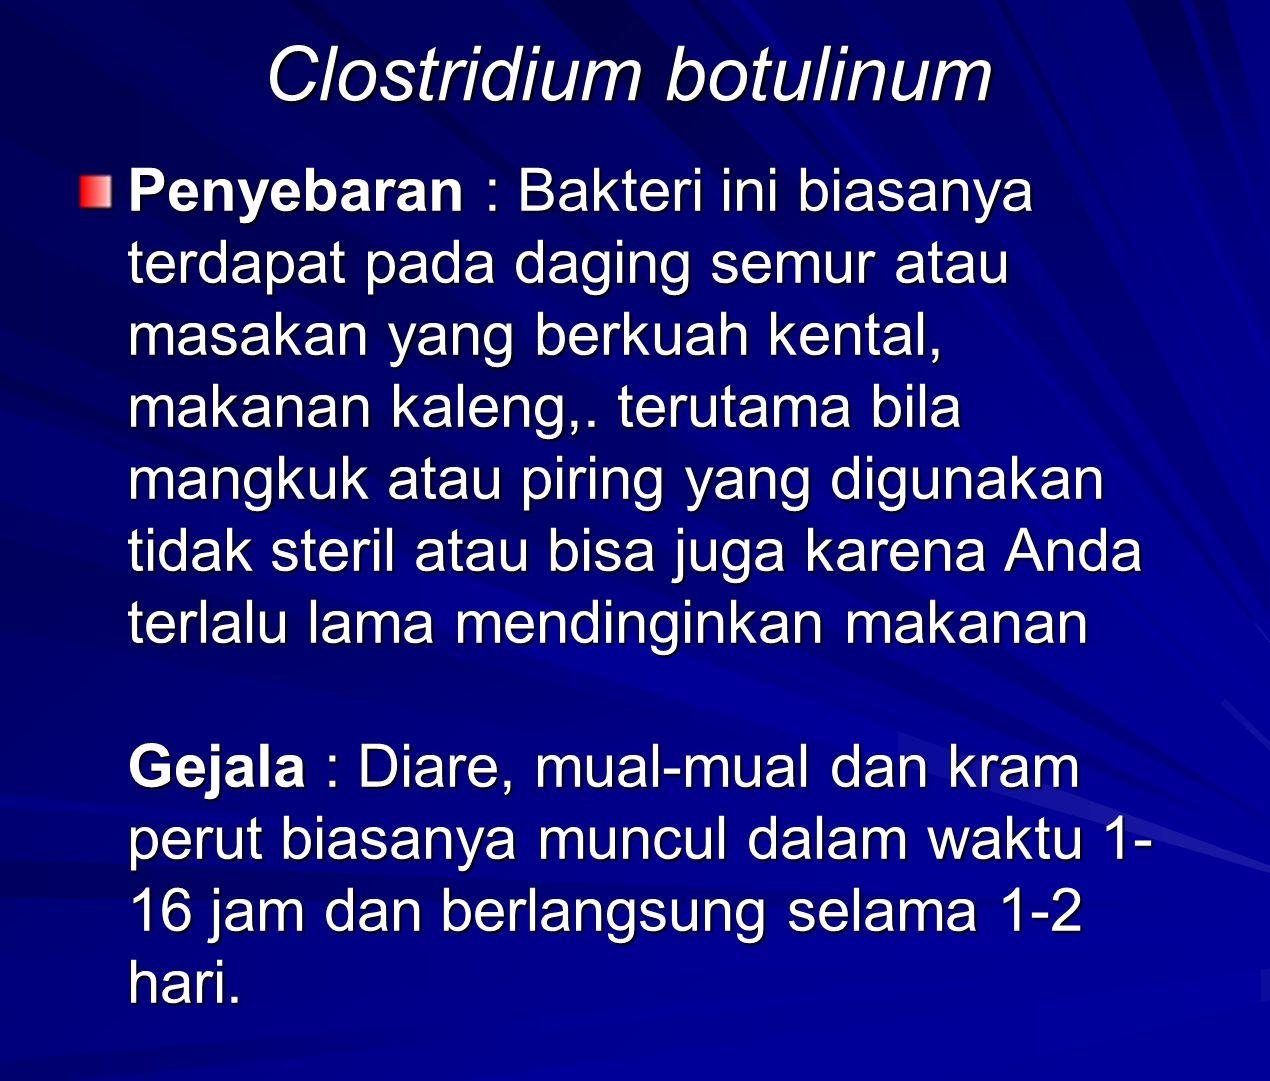 Clostridium botulinum Penyebaran : Bakteri ini biasanya terdapat pada daging semur atau masakan yang berkuah kental, makanan kaleng,.